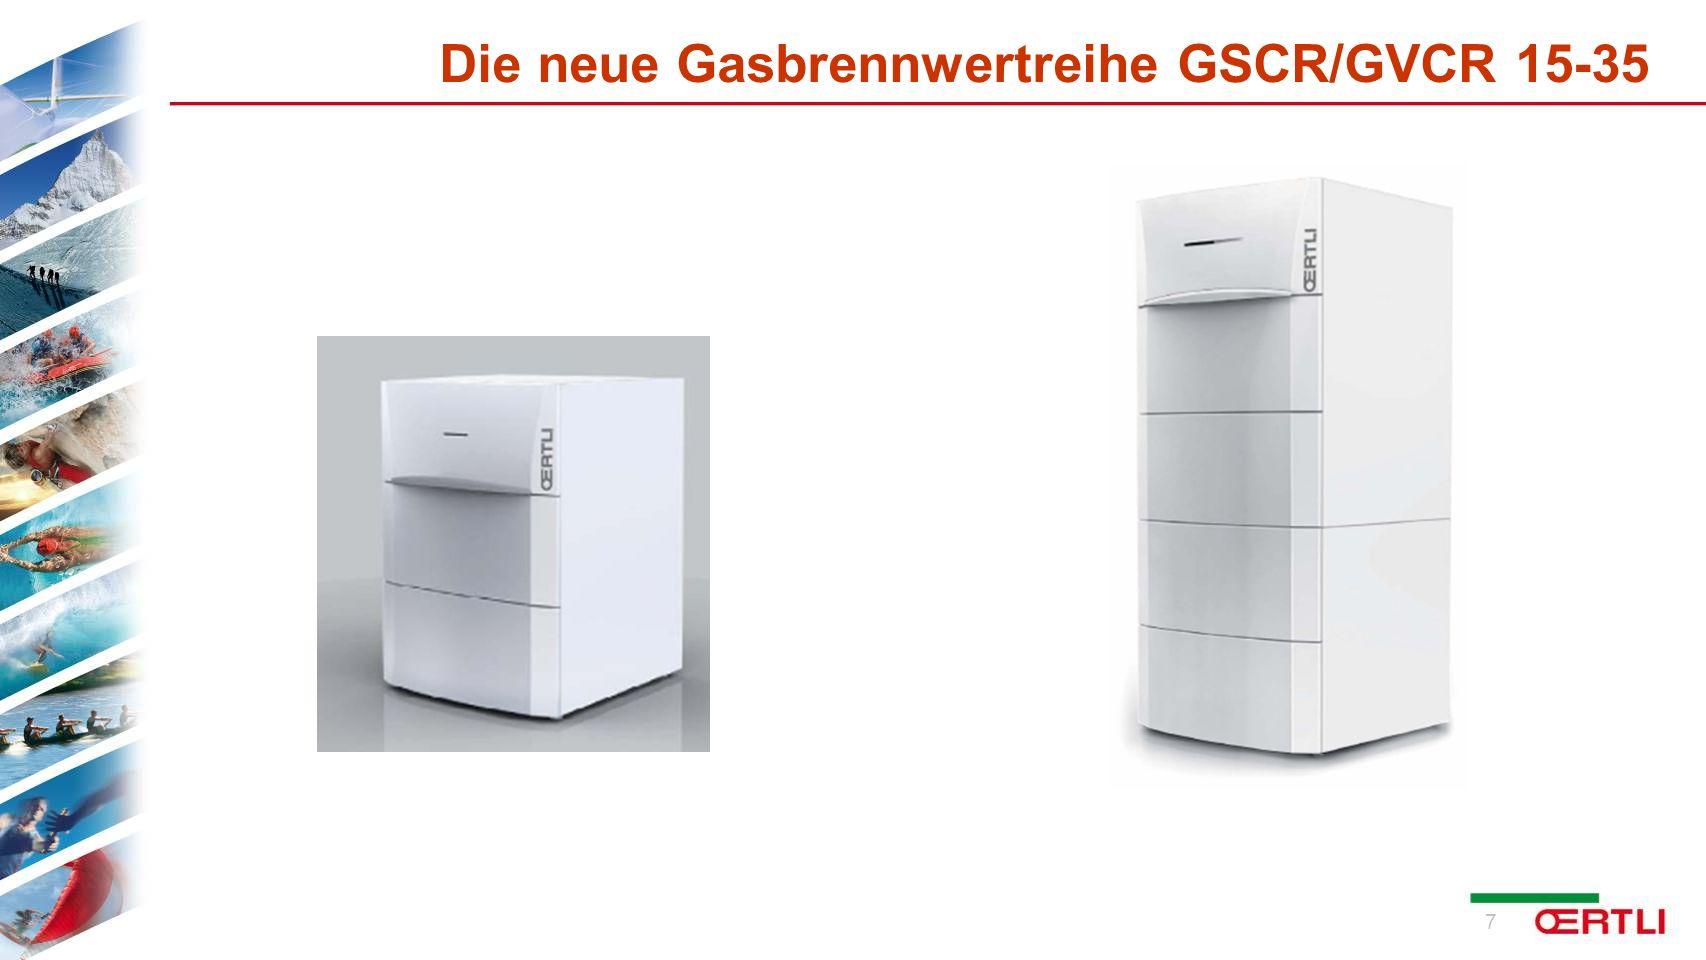 Die neue Gasbrennwertreihe GSCR/GVCR 15-35